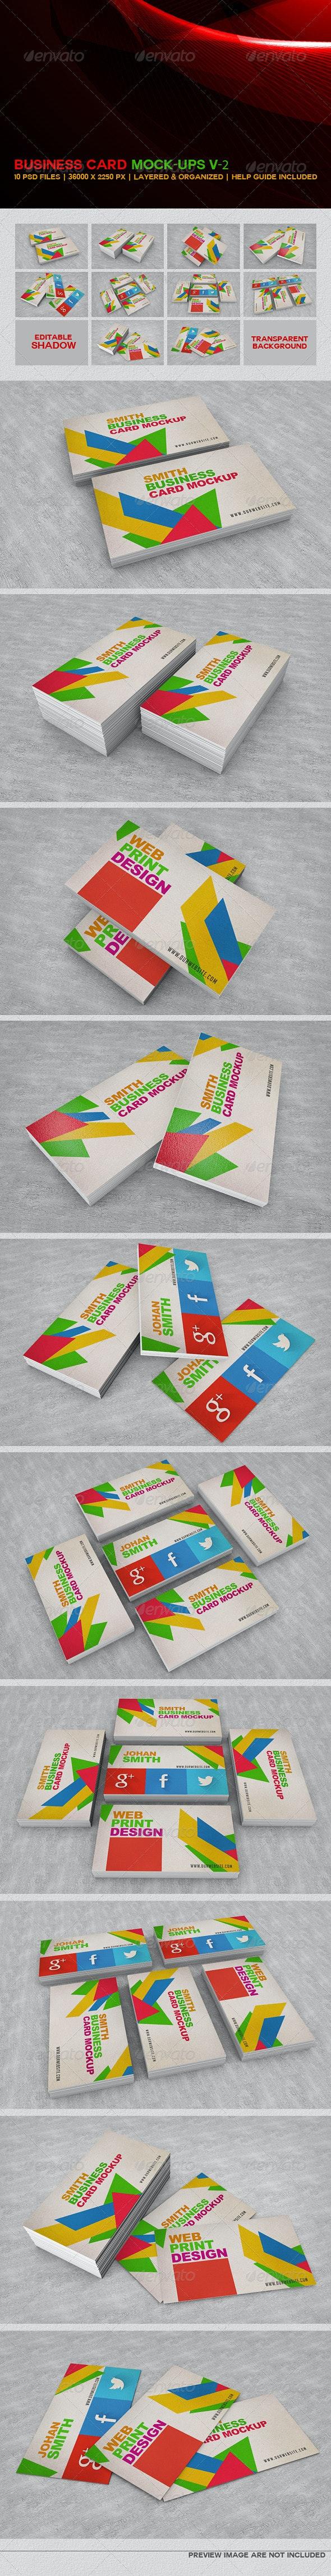 Business Card Mockups V-2  - Business Cards Print